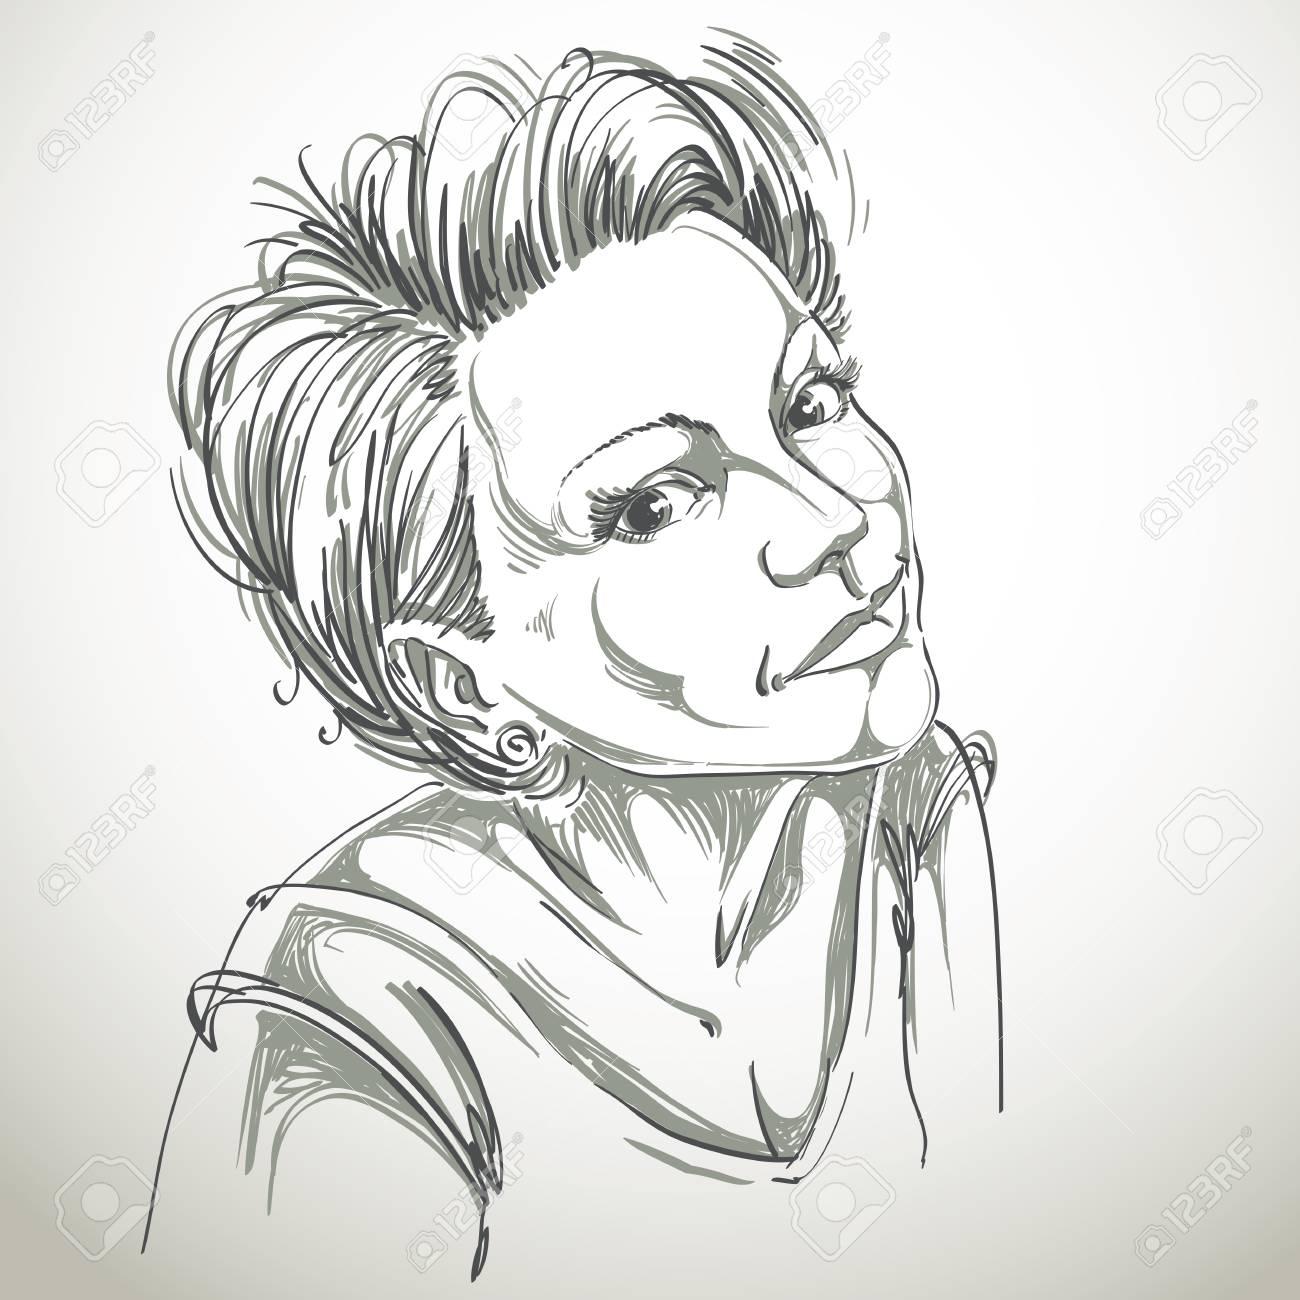 Portrait De Délicate Romantique Belle Femme Noir Et Blanc Dessin Vectoriel Idée Image Expressions émotionnelles